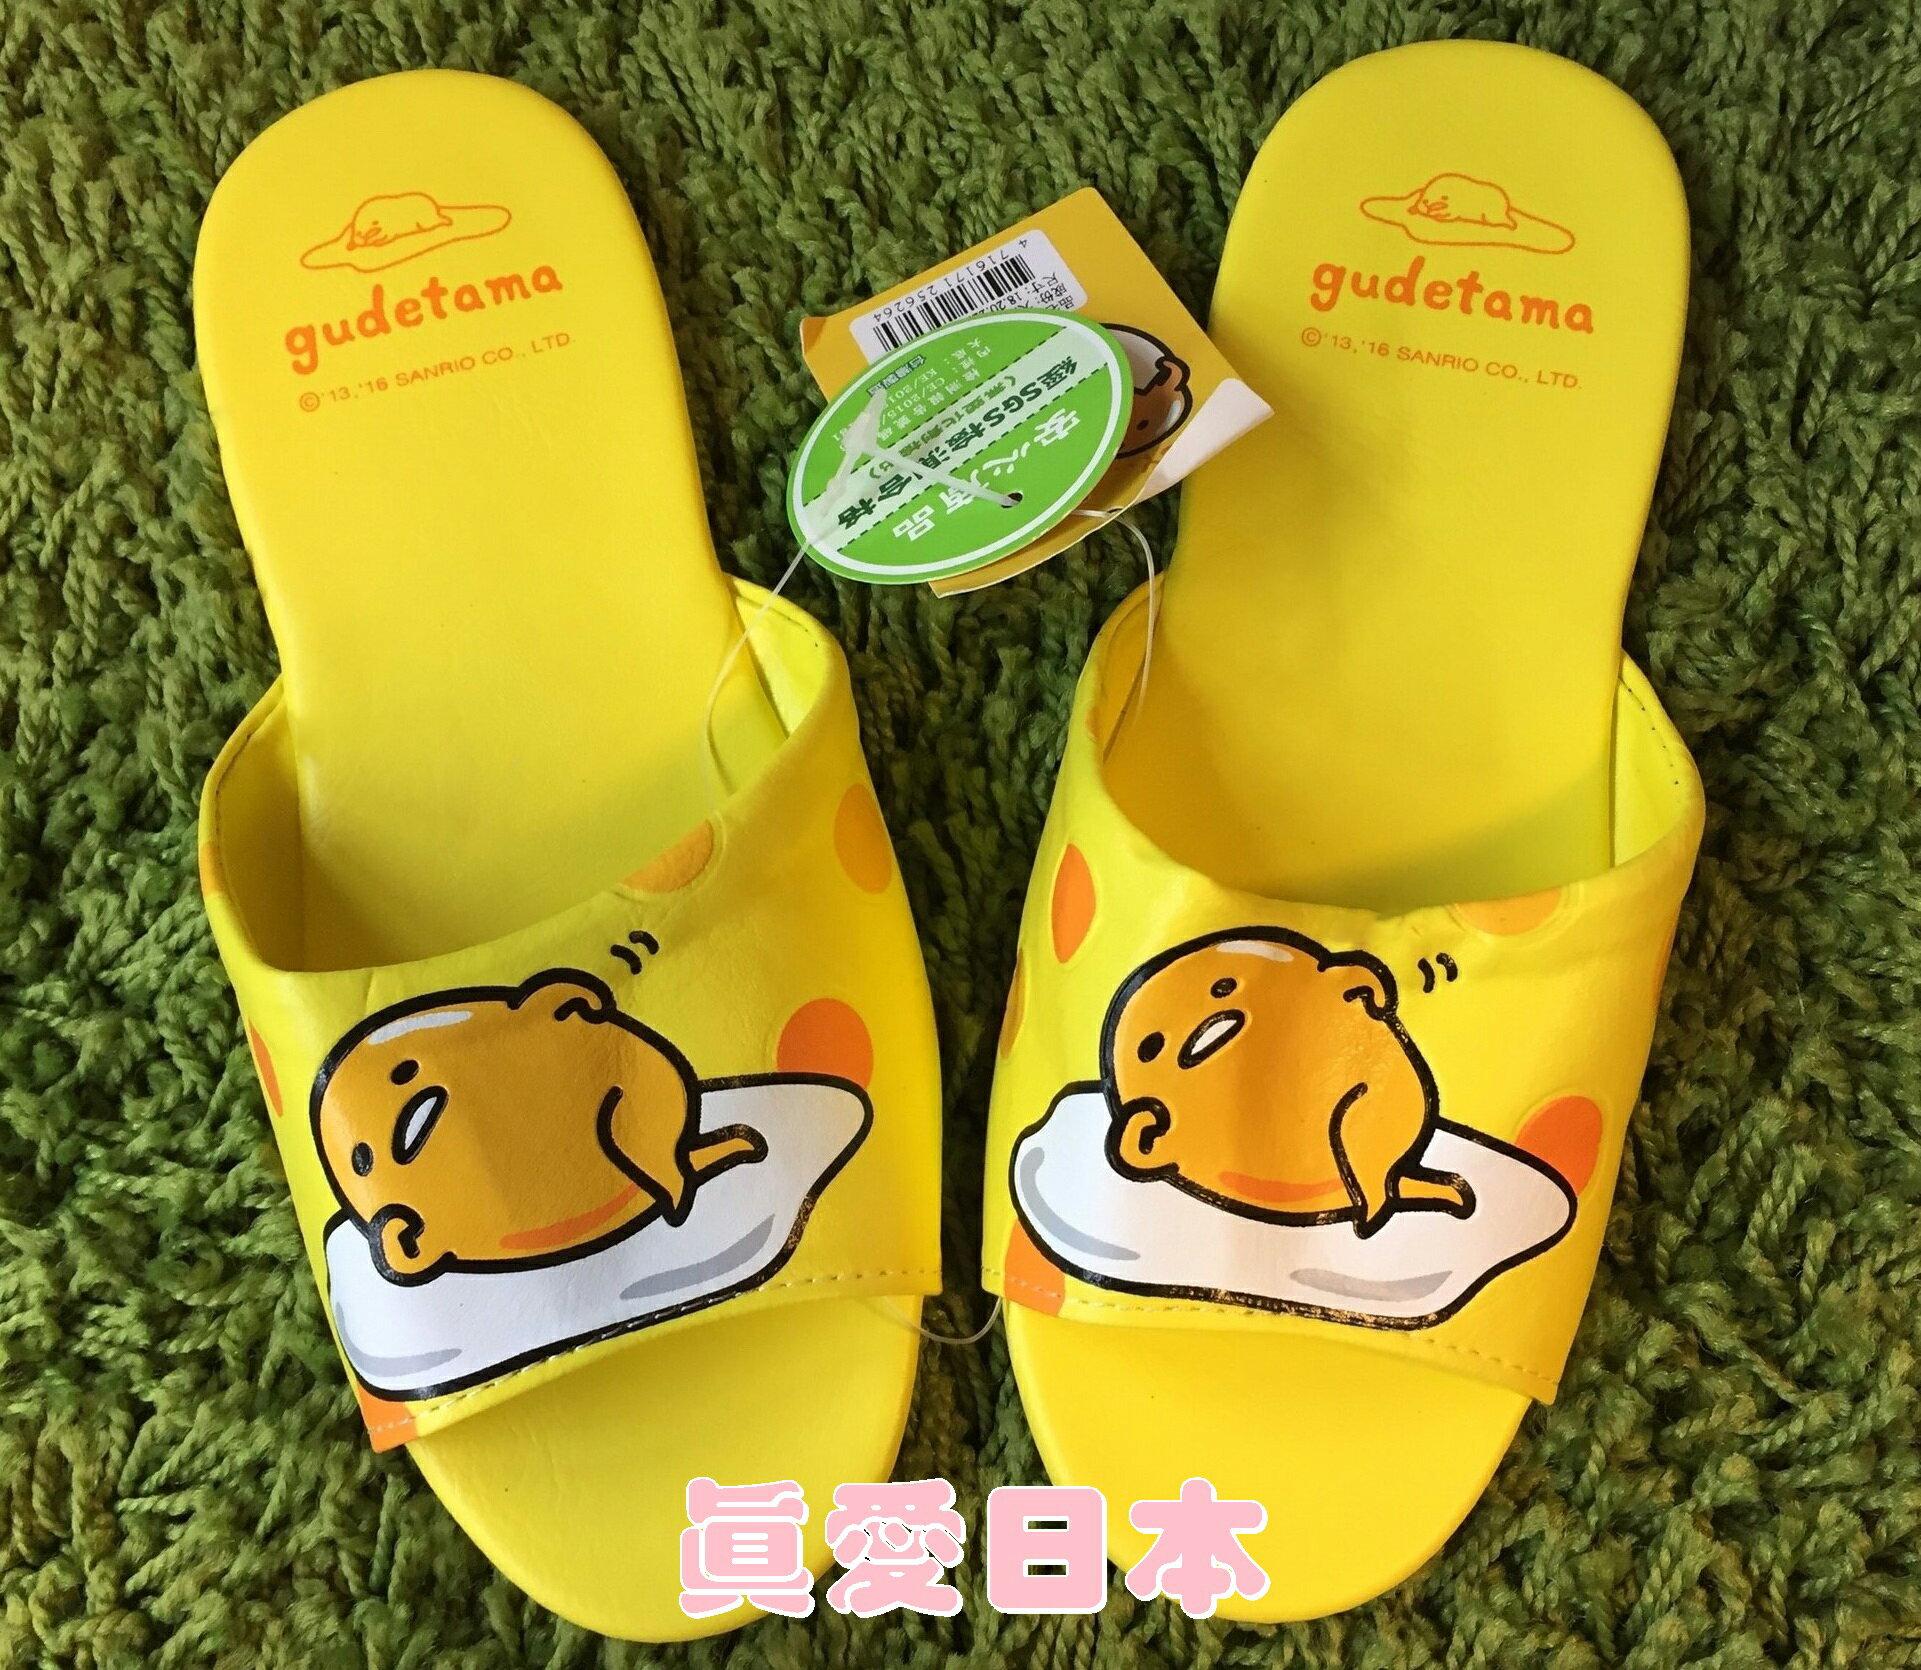 【真愛日本】室內皮拖-蛋黃哥18~26 三麗鷗家族 蛋黃哥 Gudetama防滑拖鞋 脫鞋